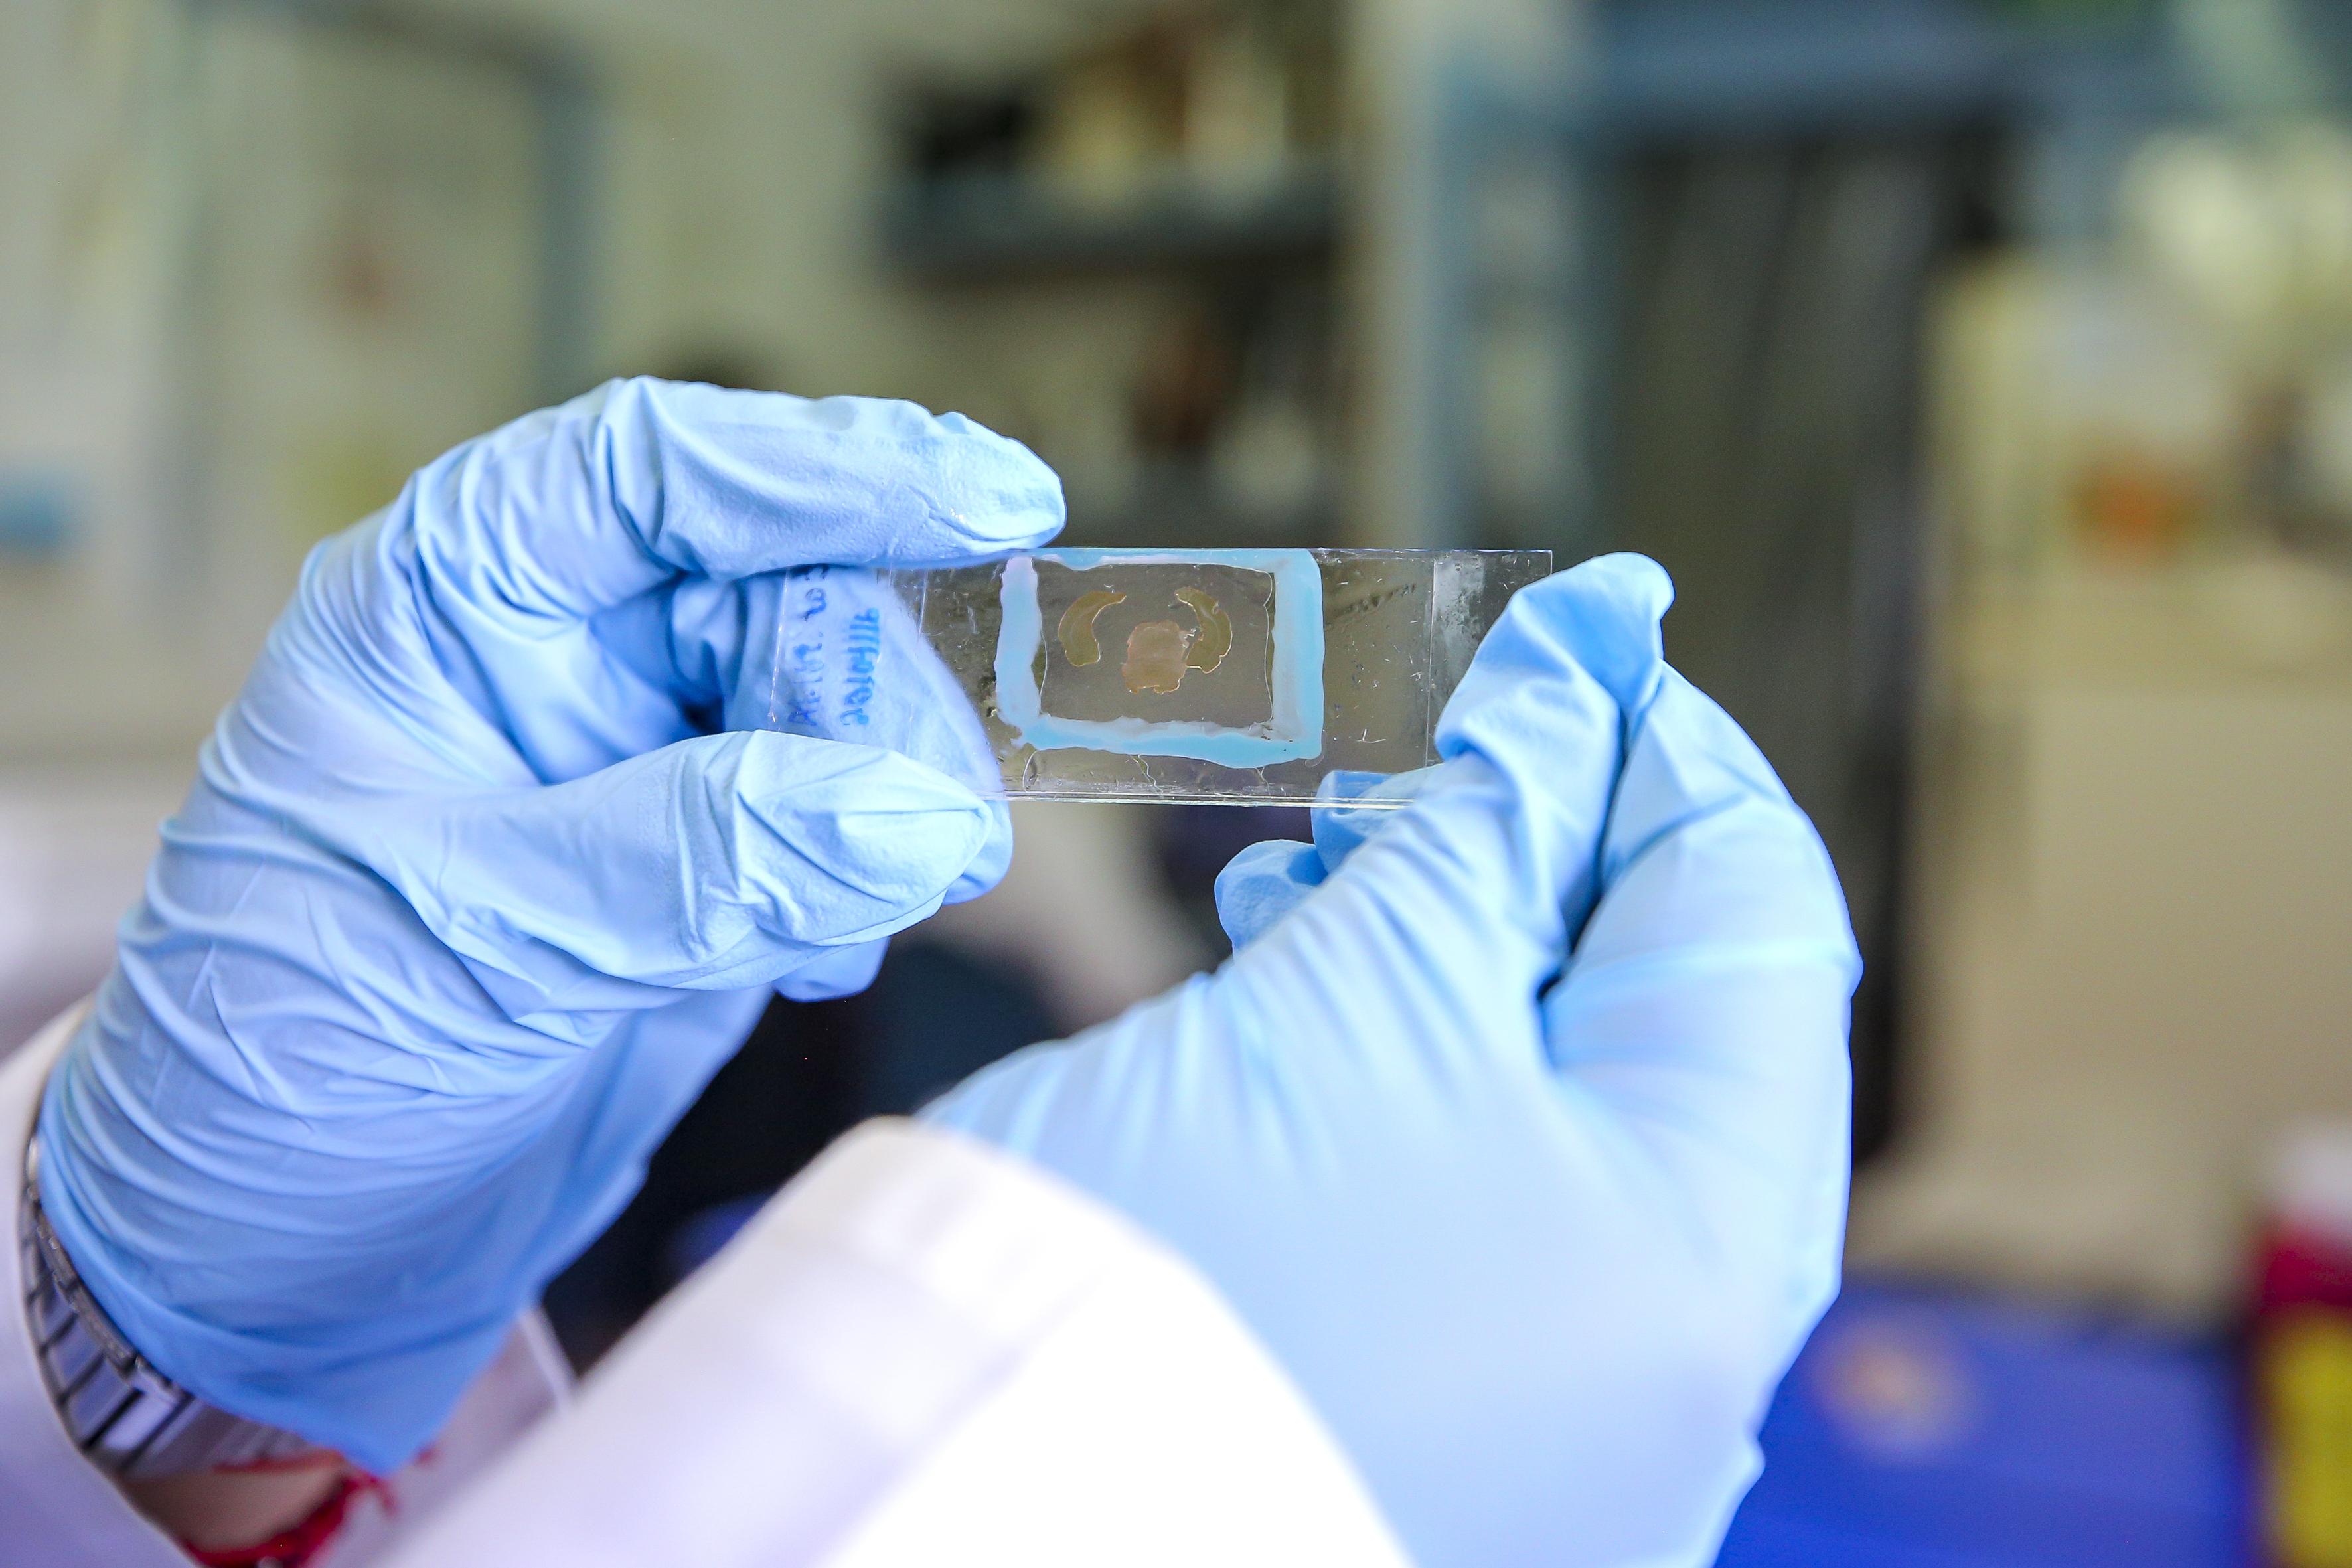 Laminilla de laboratorio sostenida por manos de un investigador